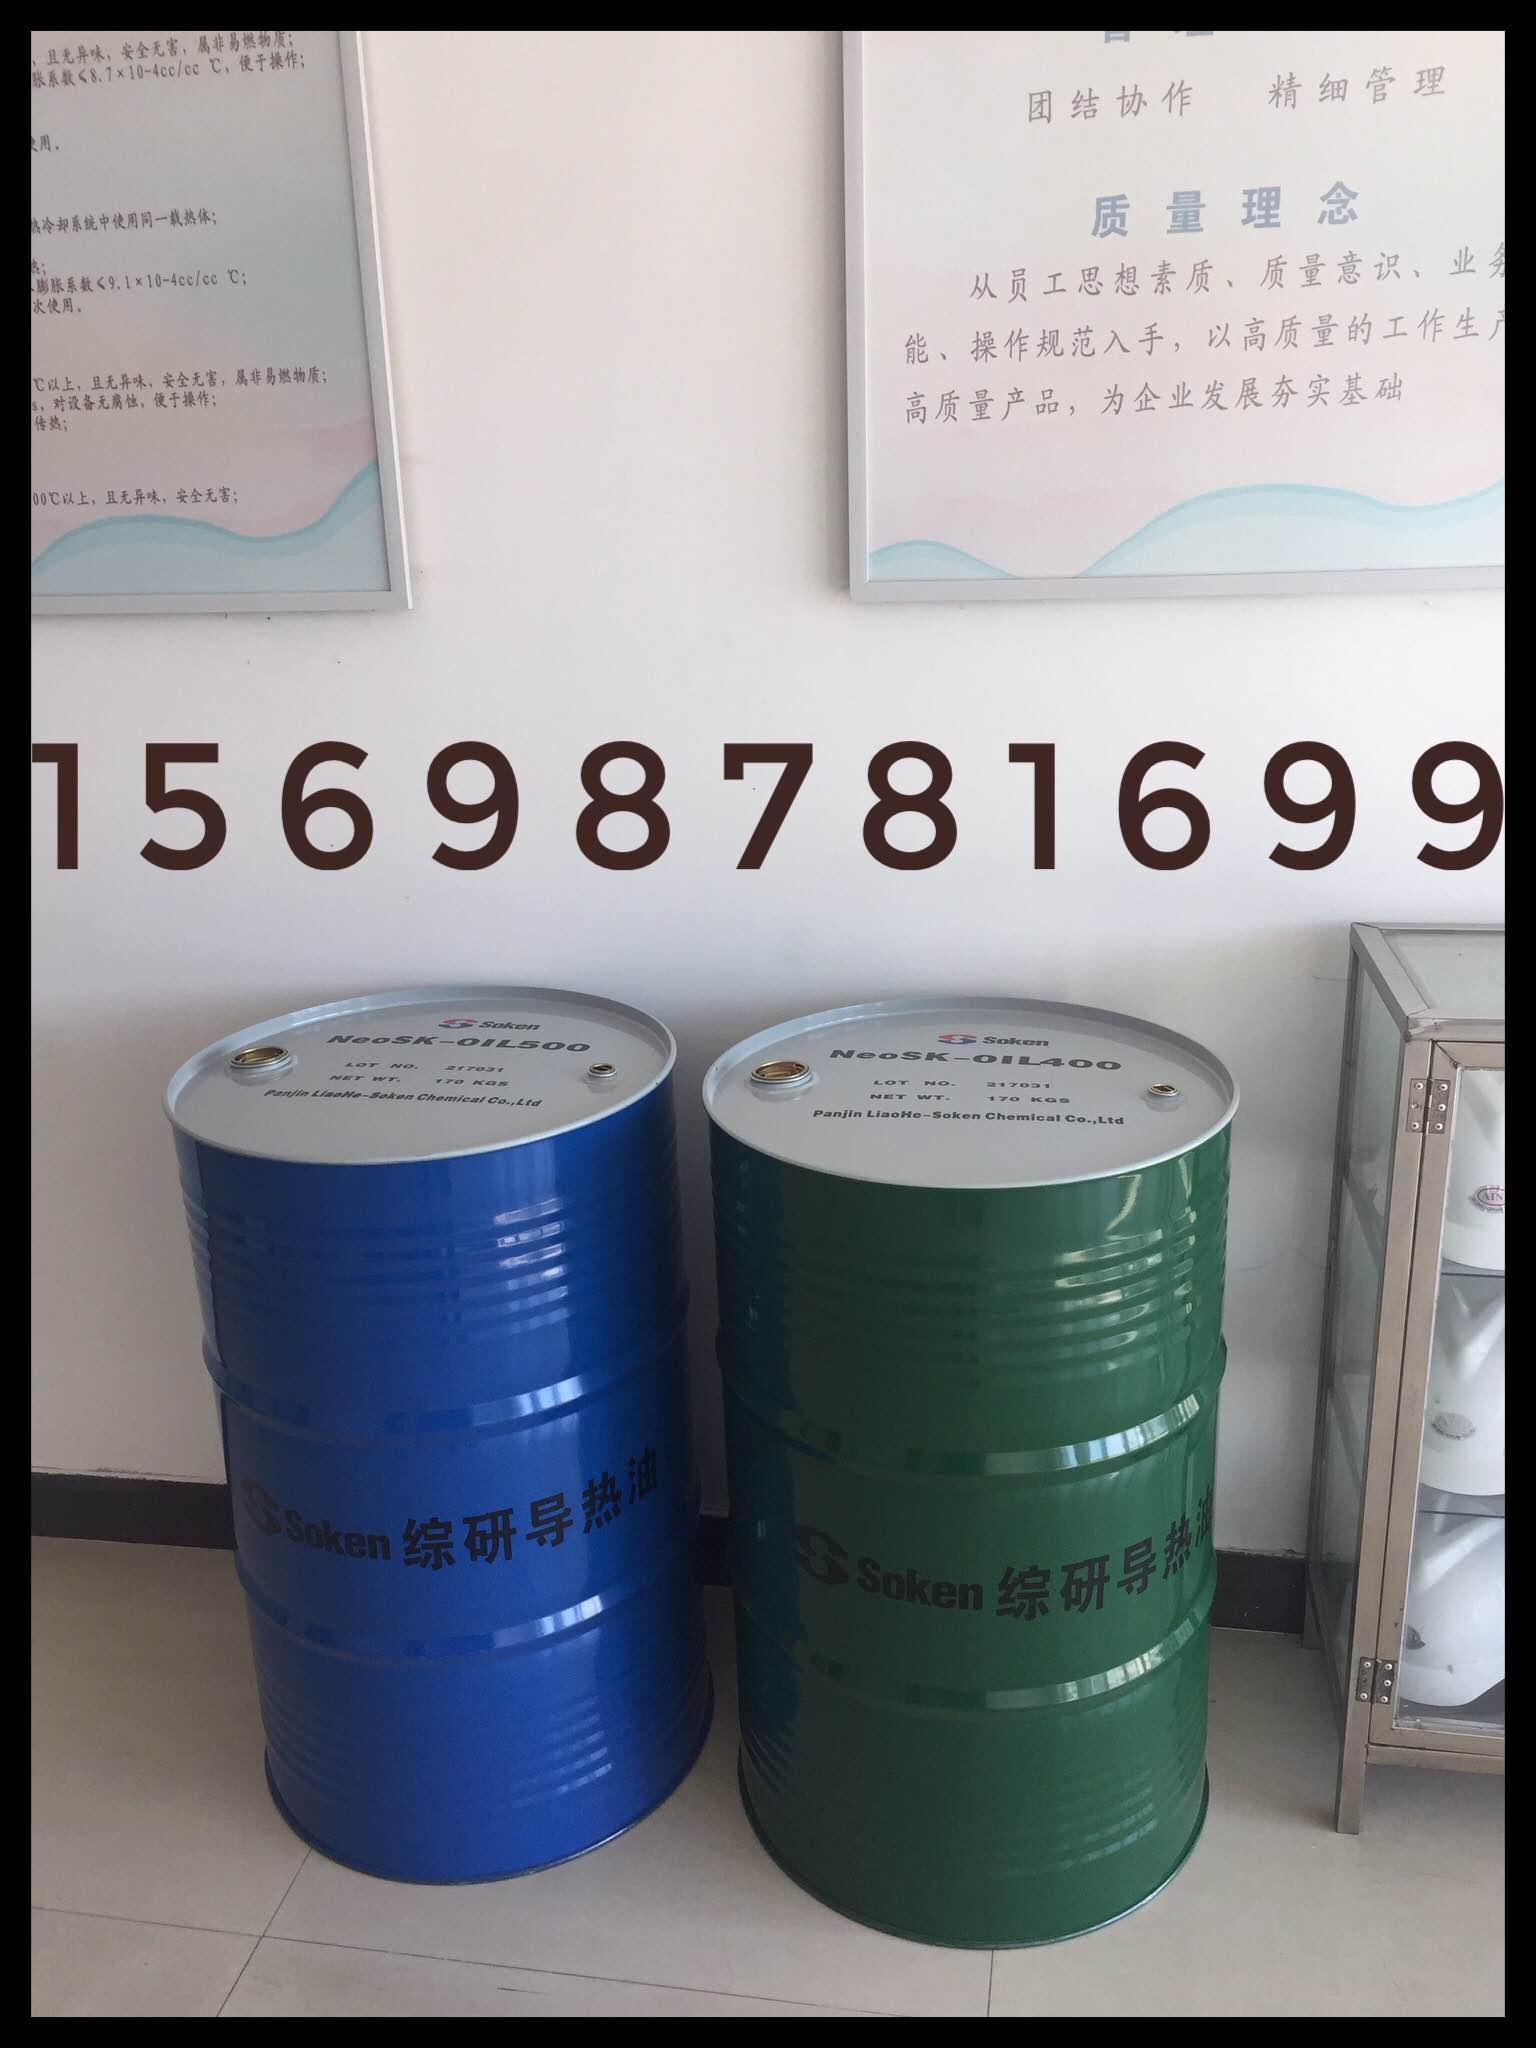 盘锦辽河综研化学有限公司代理商,盘锦供应有品质的导热油NeoSK-OIL1400